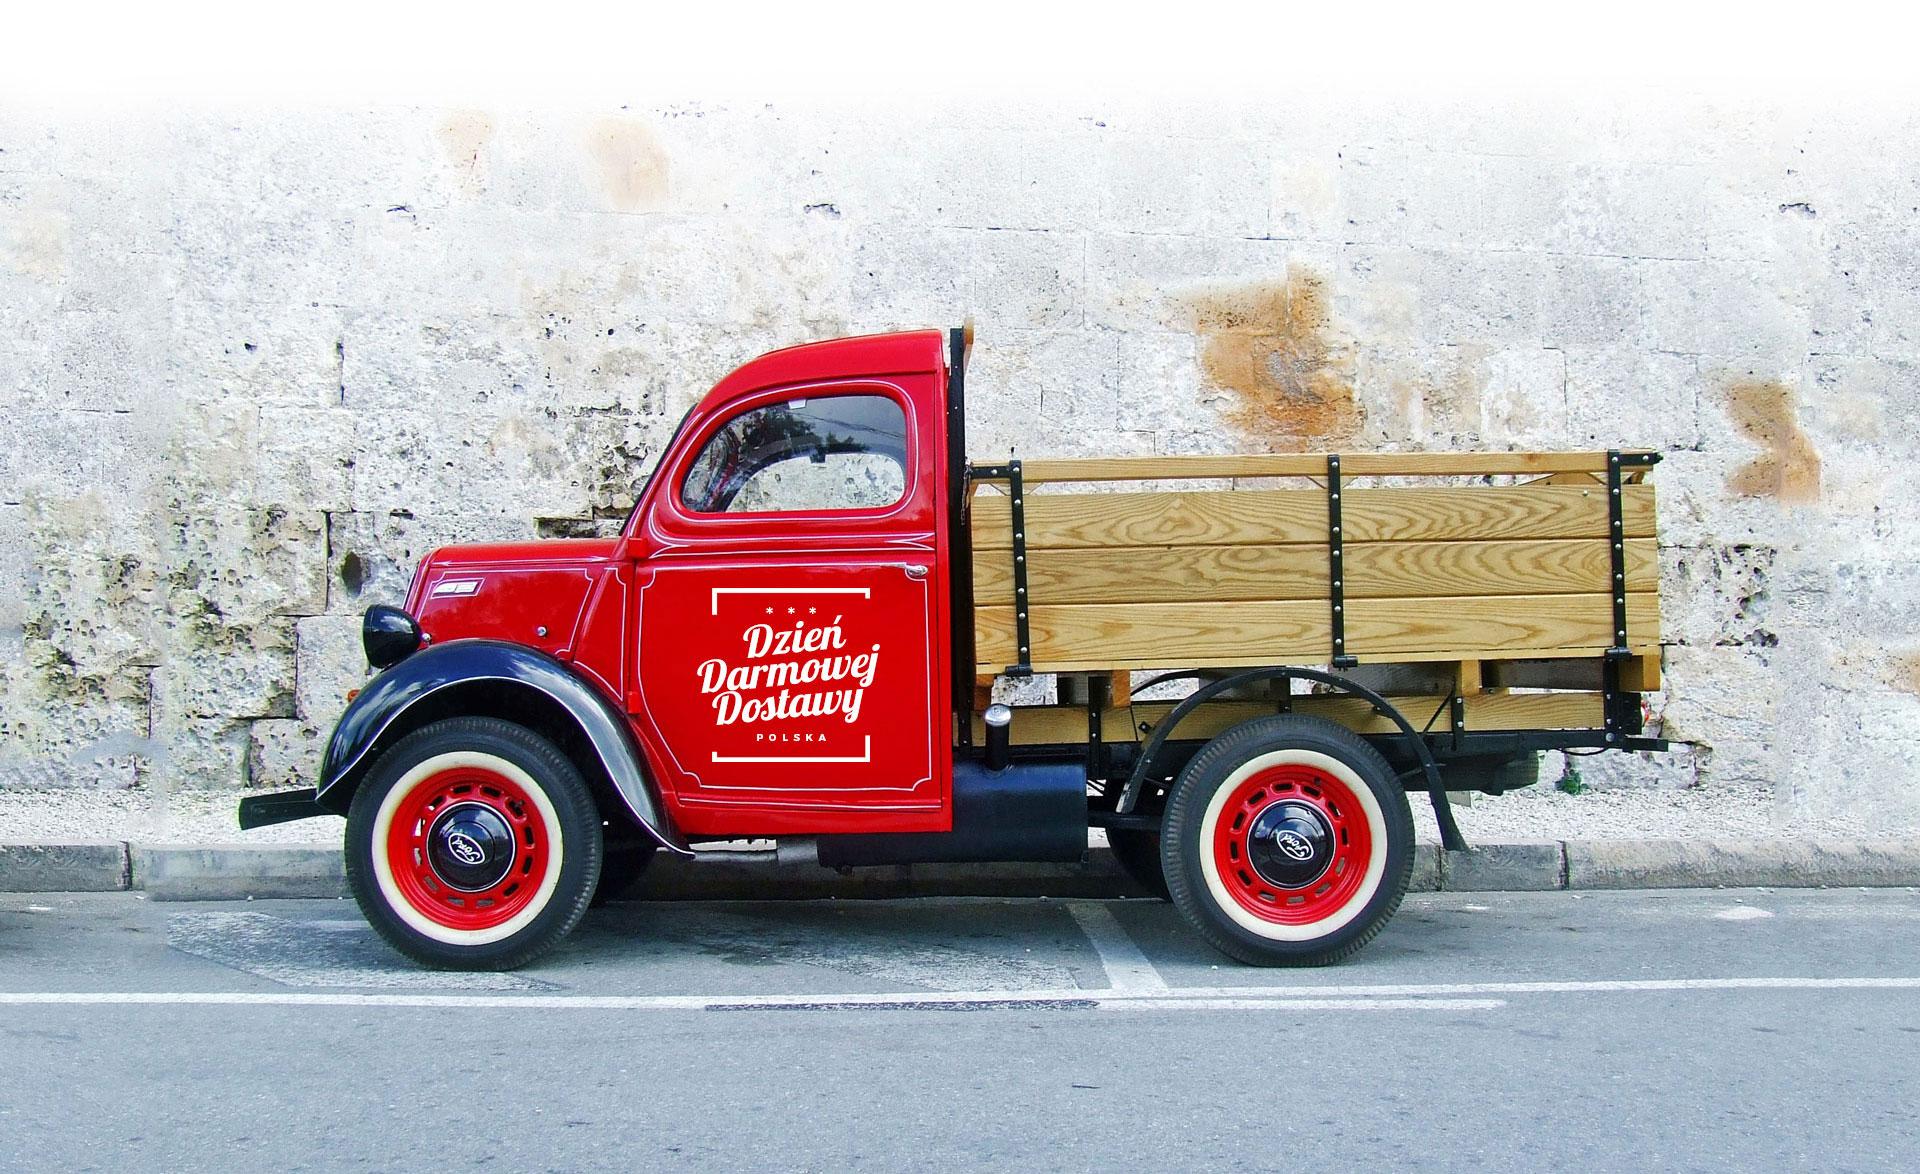 furgonetka Dzień Darmowej Dostawy